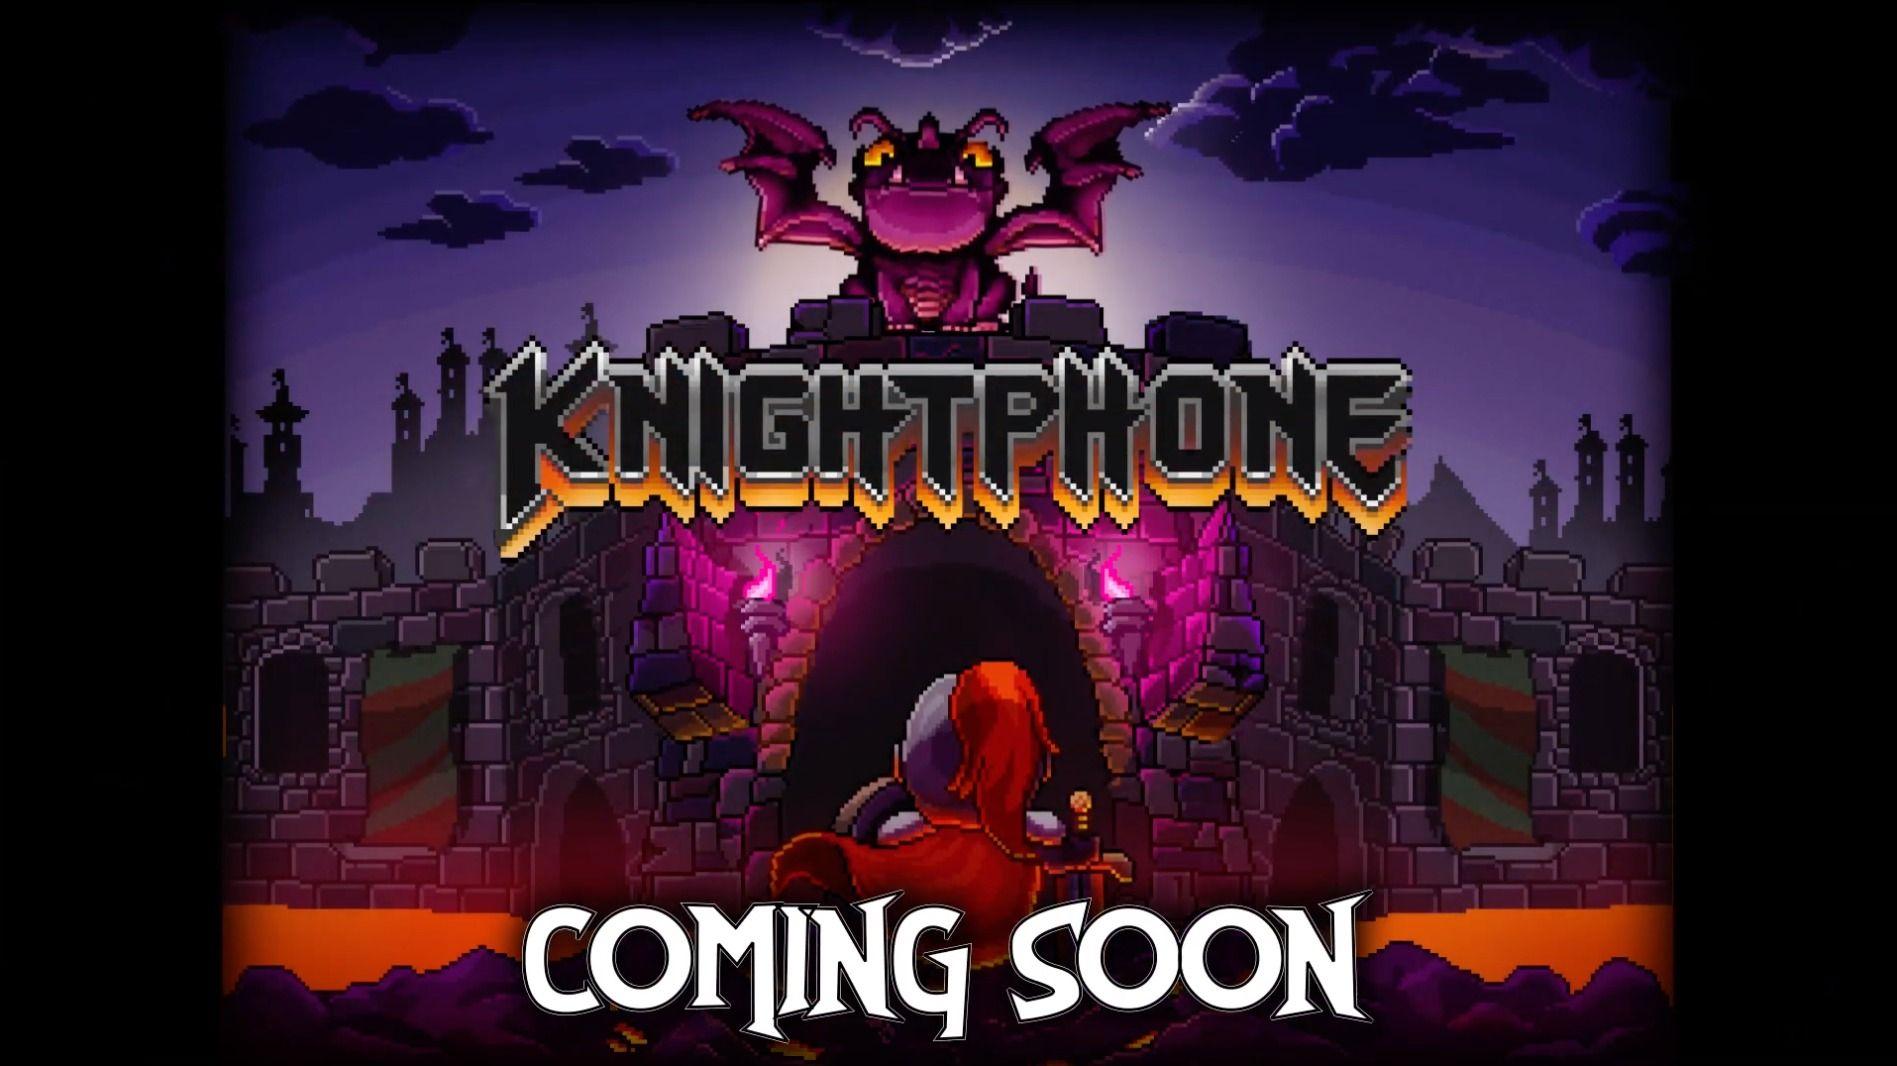 """""""Knightphone"""" es un juego de construcción de niveles que está buscando quien lo pruebe"""